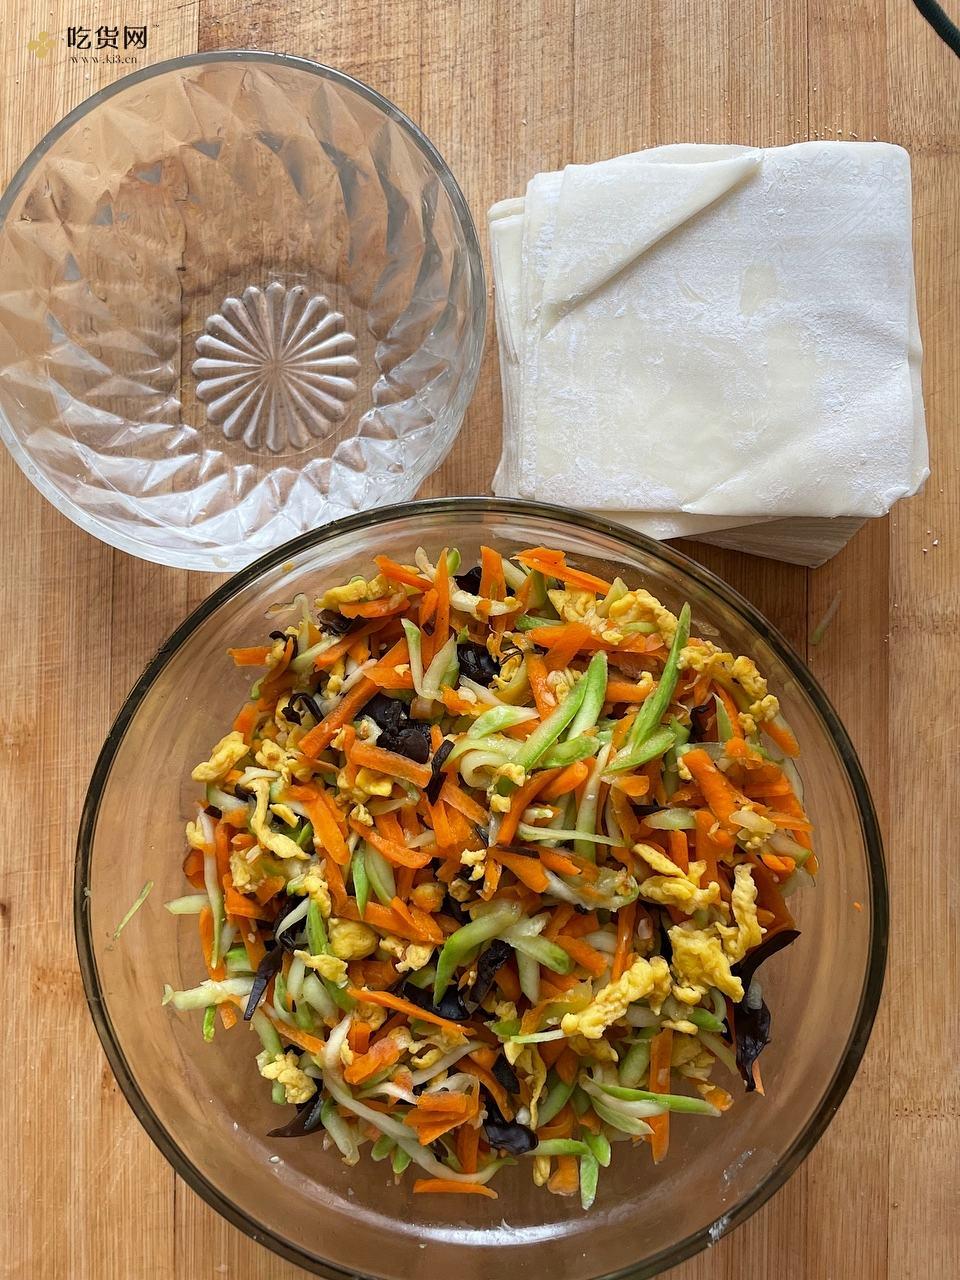 有滋有味减肥餐~低脂又营养的蔬菜包的做法 步骤6